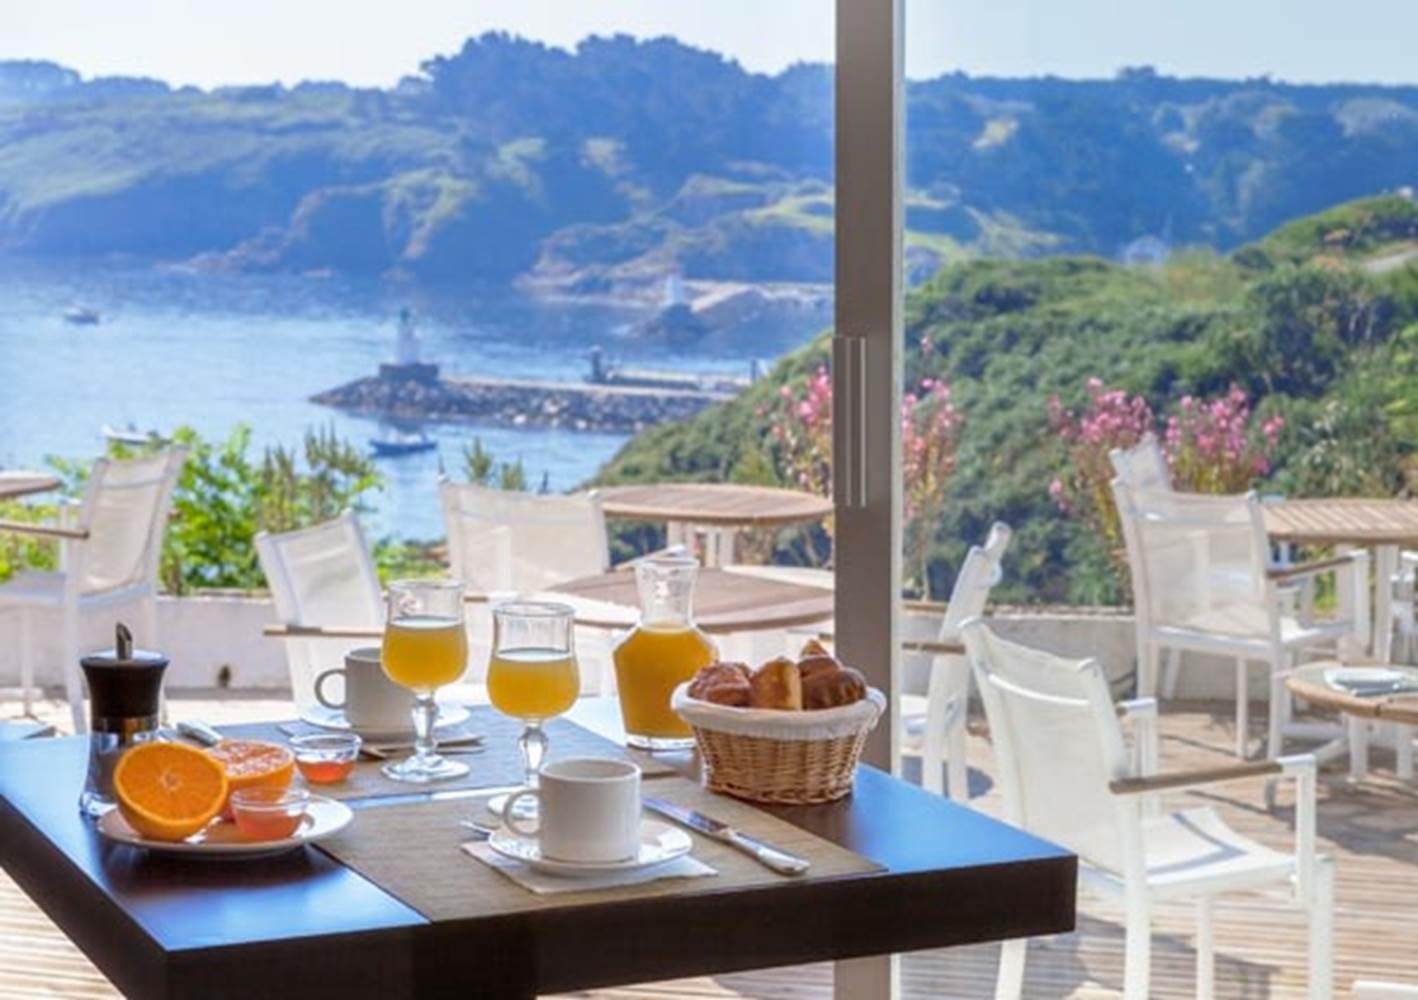 Hôtel-Restaurant-Quality-Hôtel-Le-Cardinal-belleile-sauzon-morbihan-bretagne-sud ©